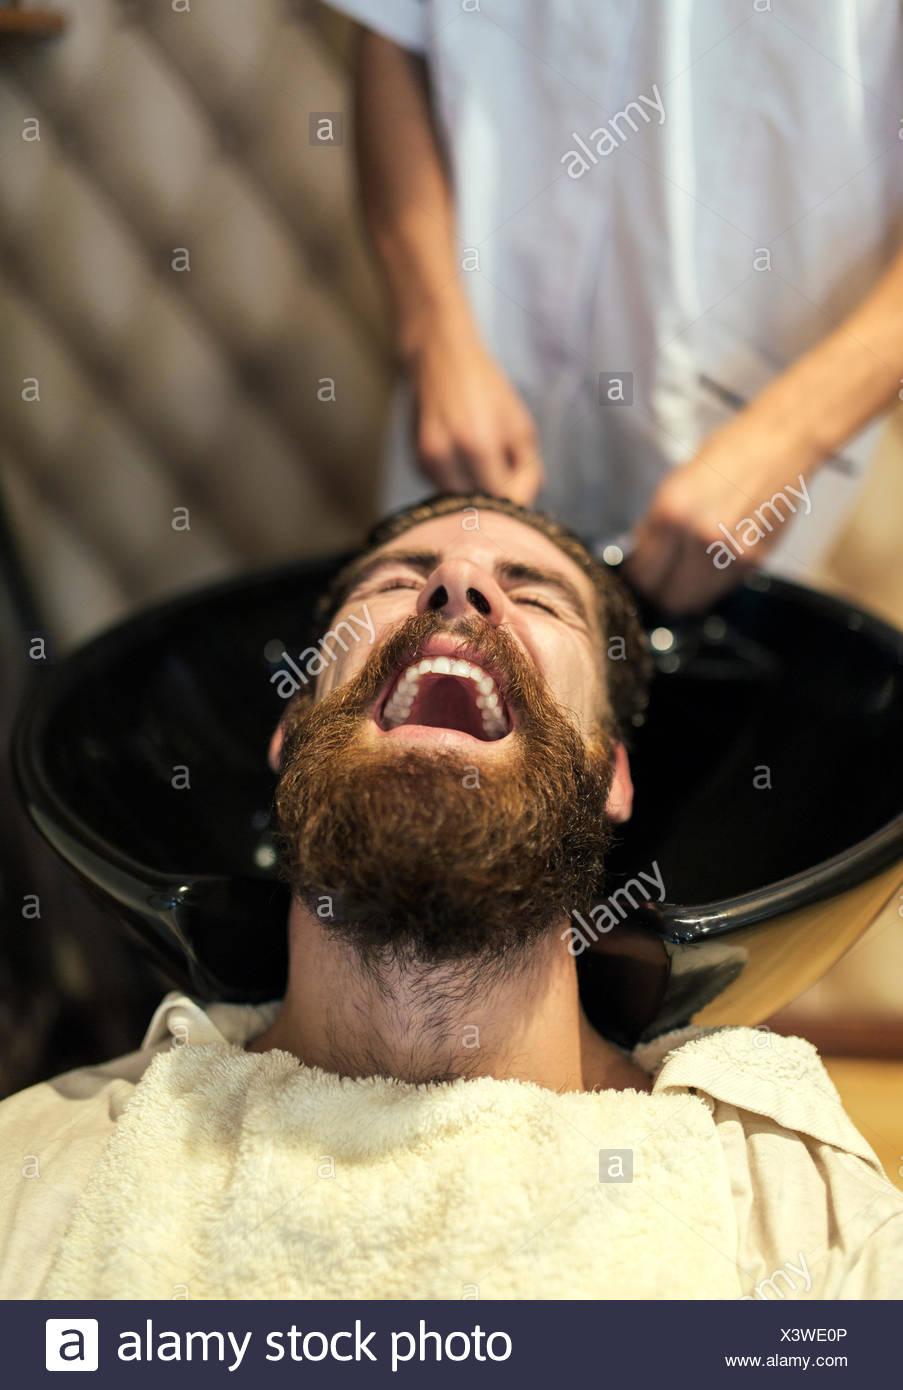 Barbiere di lavaggio dei capelli di un cliente con la bocca aperta Immagini Stock